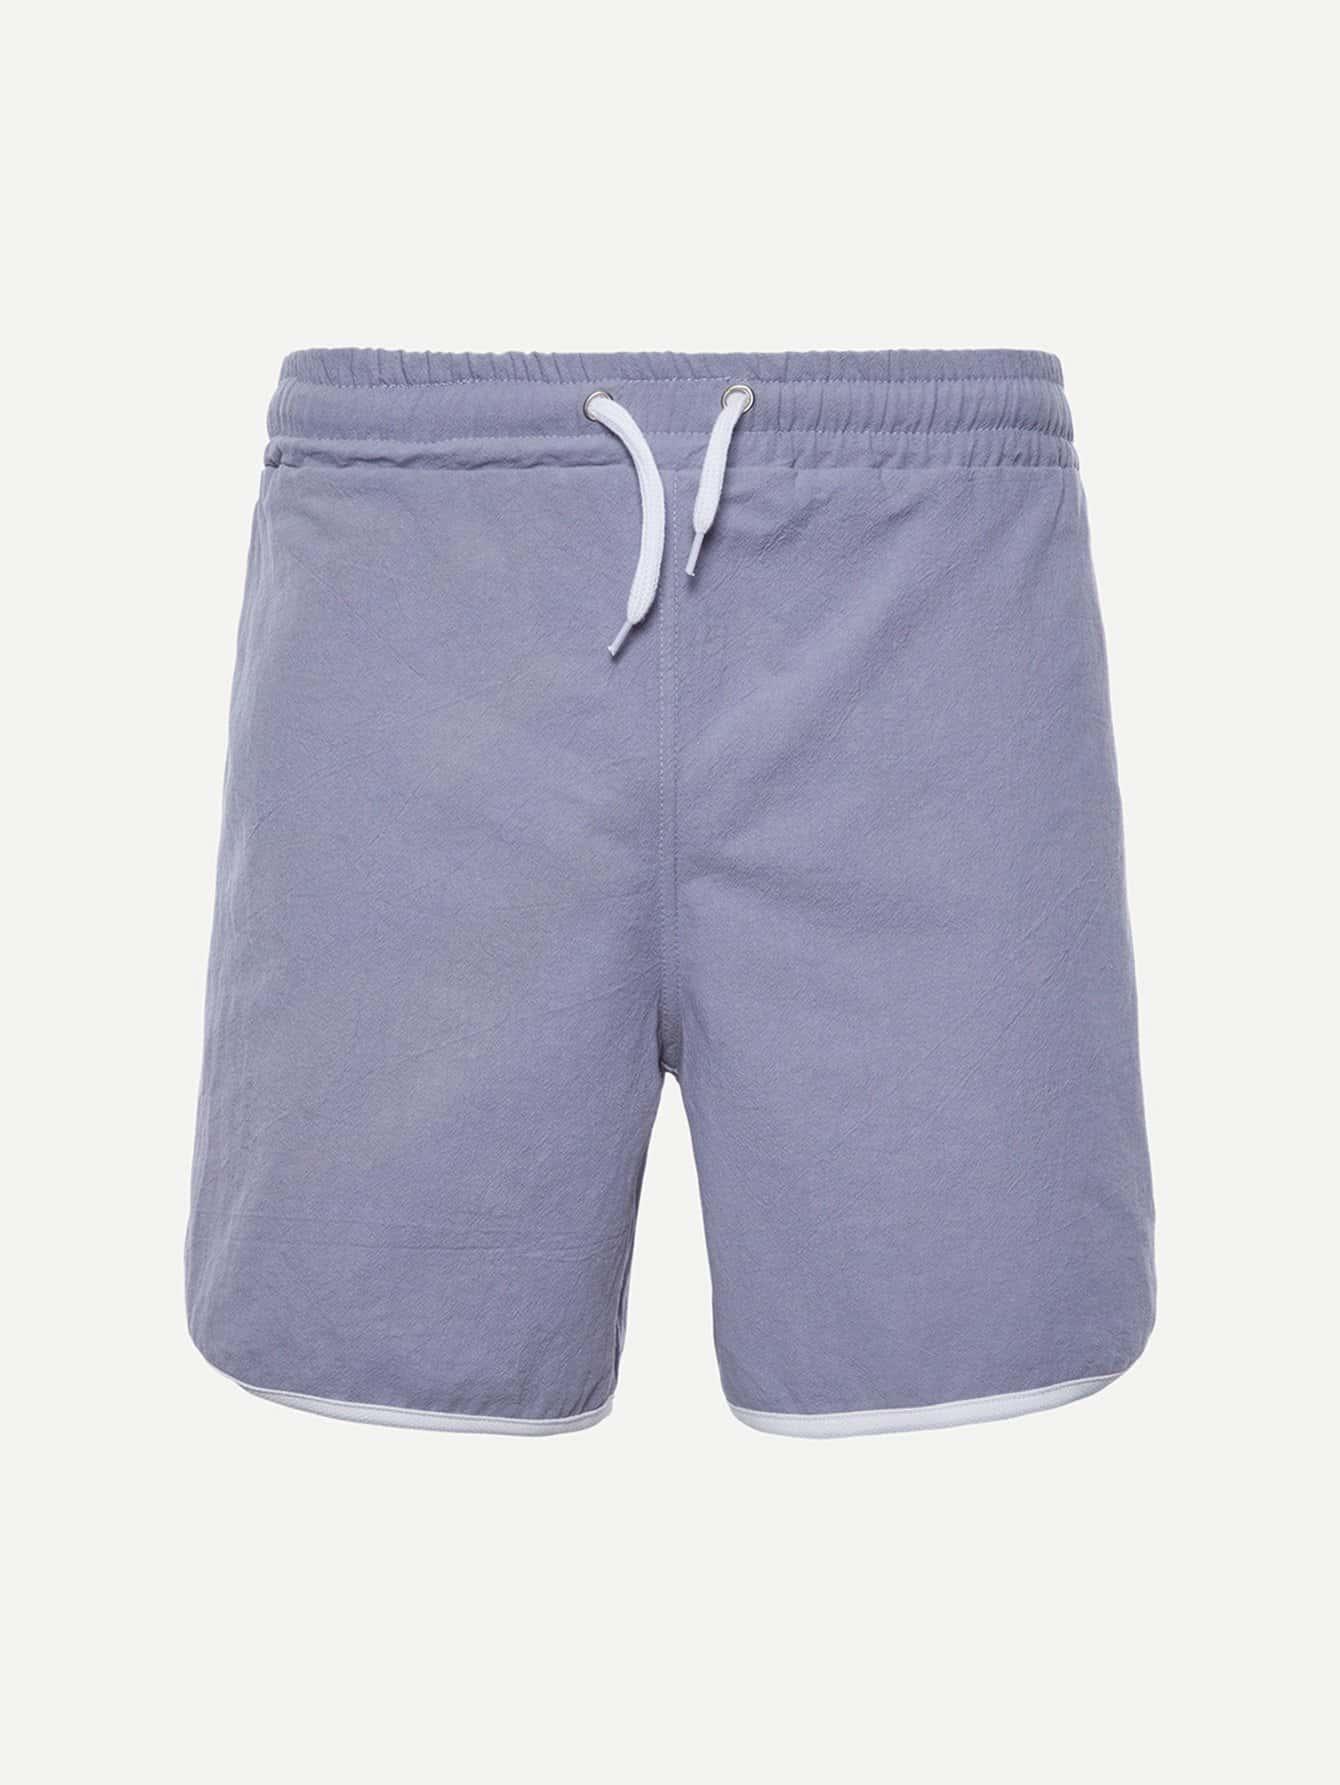 Купить Простые шорты и с басоном эластичным для мужчины, null, SheIn